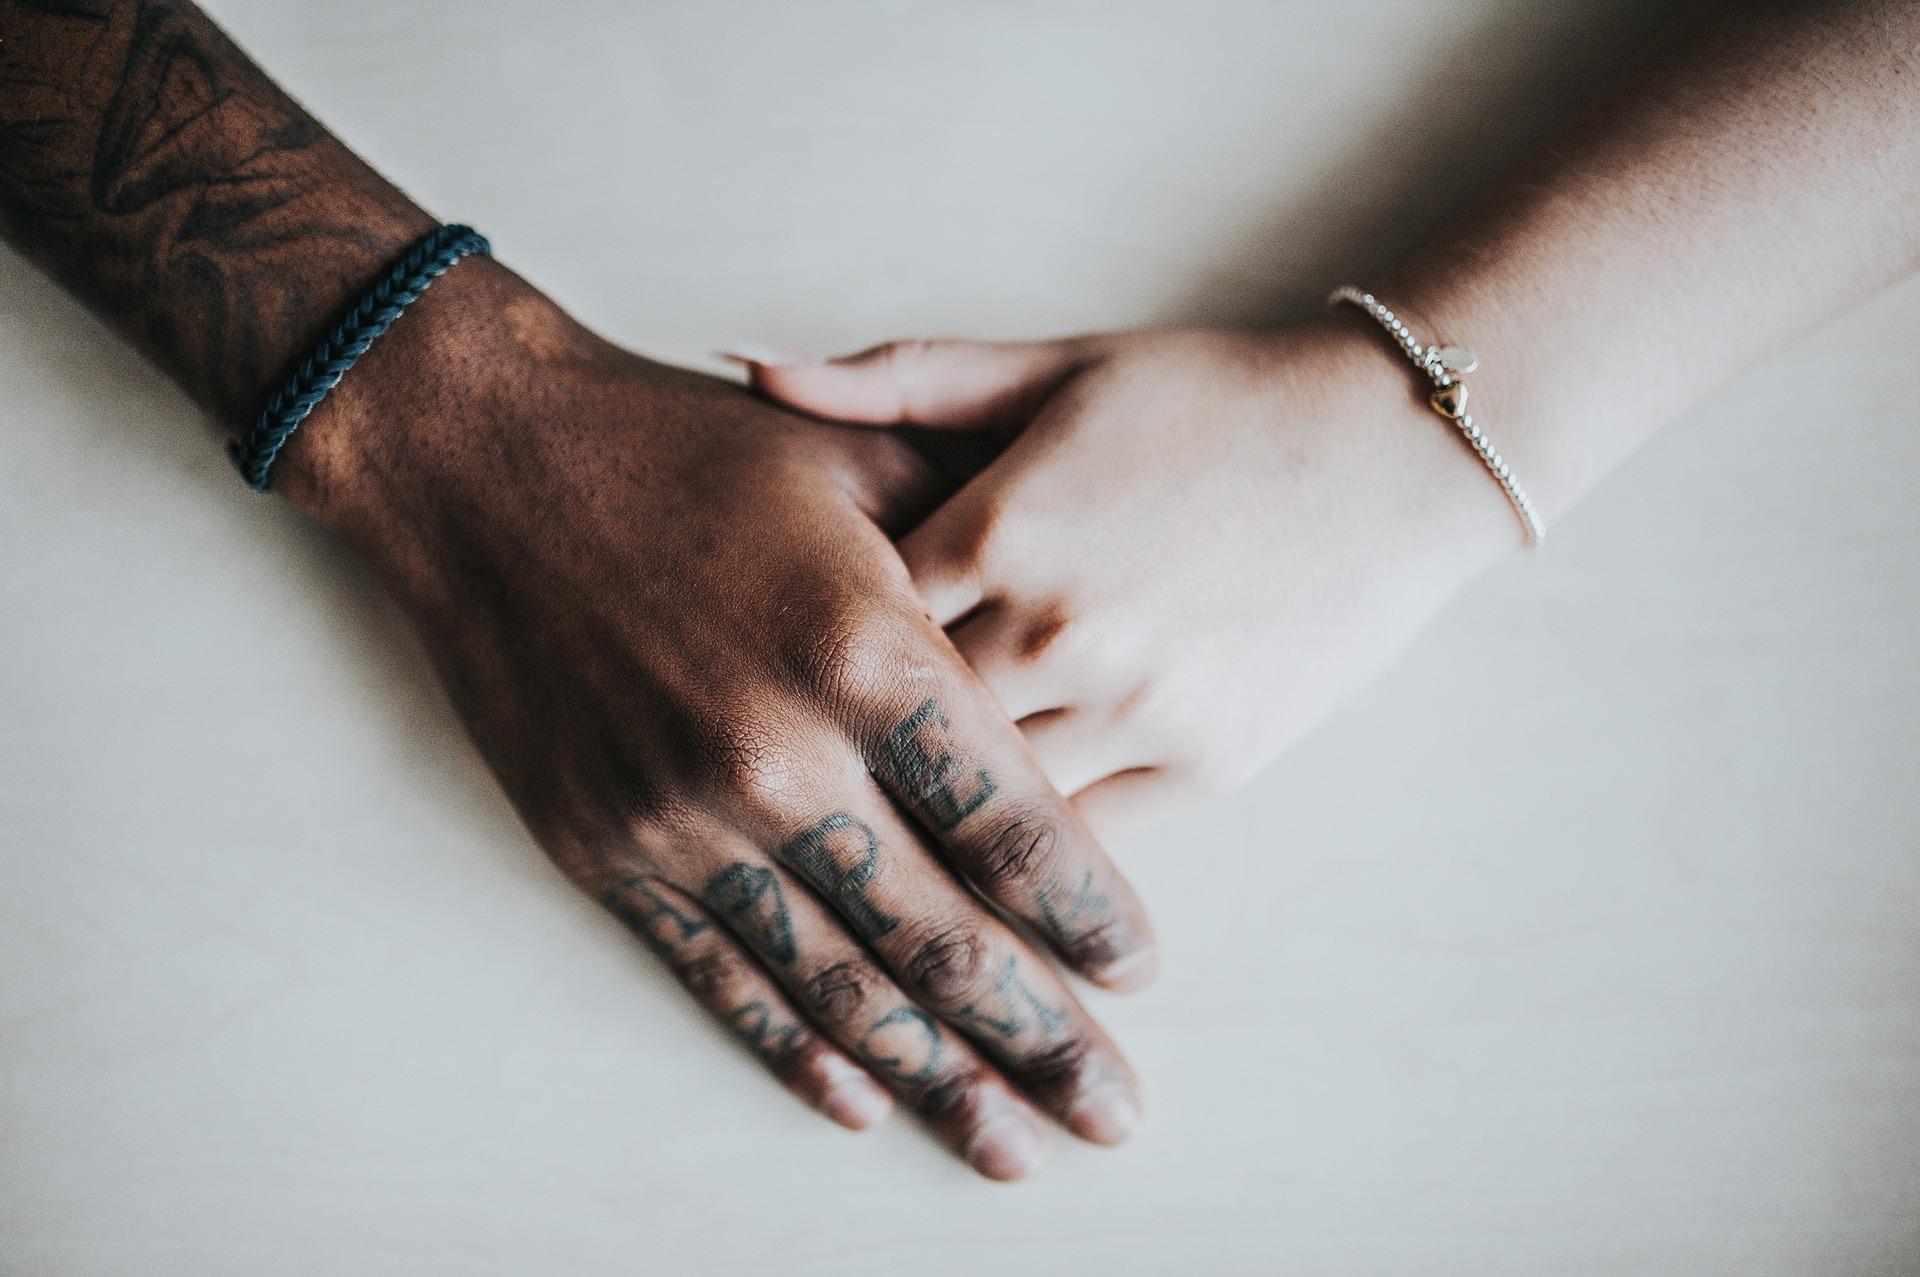 Co nejvíce škodí v partnerských vztazích